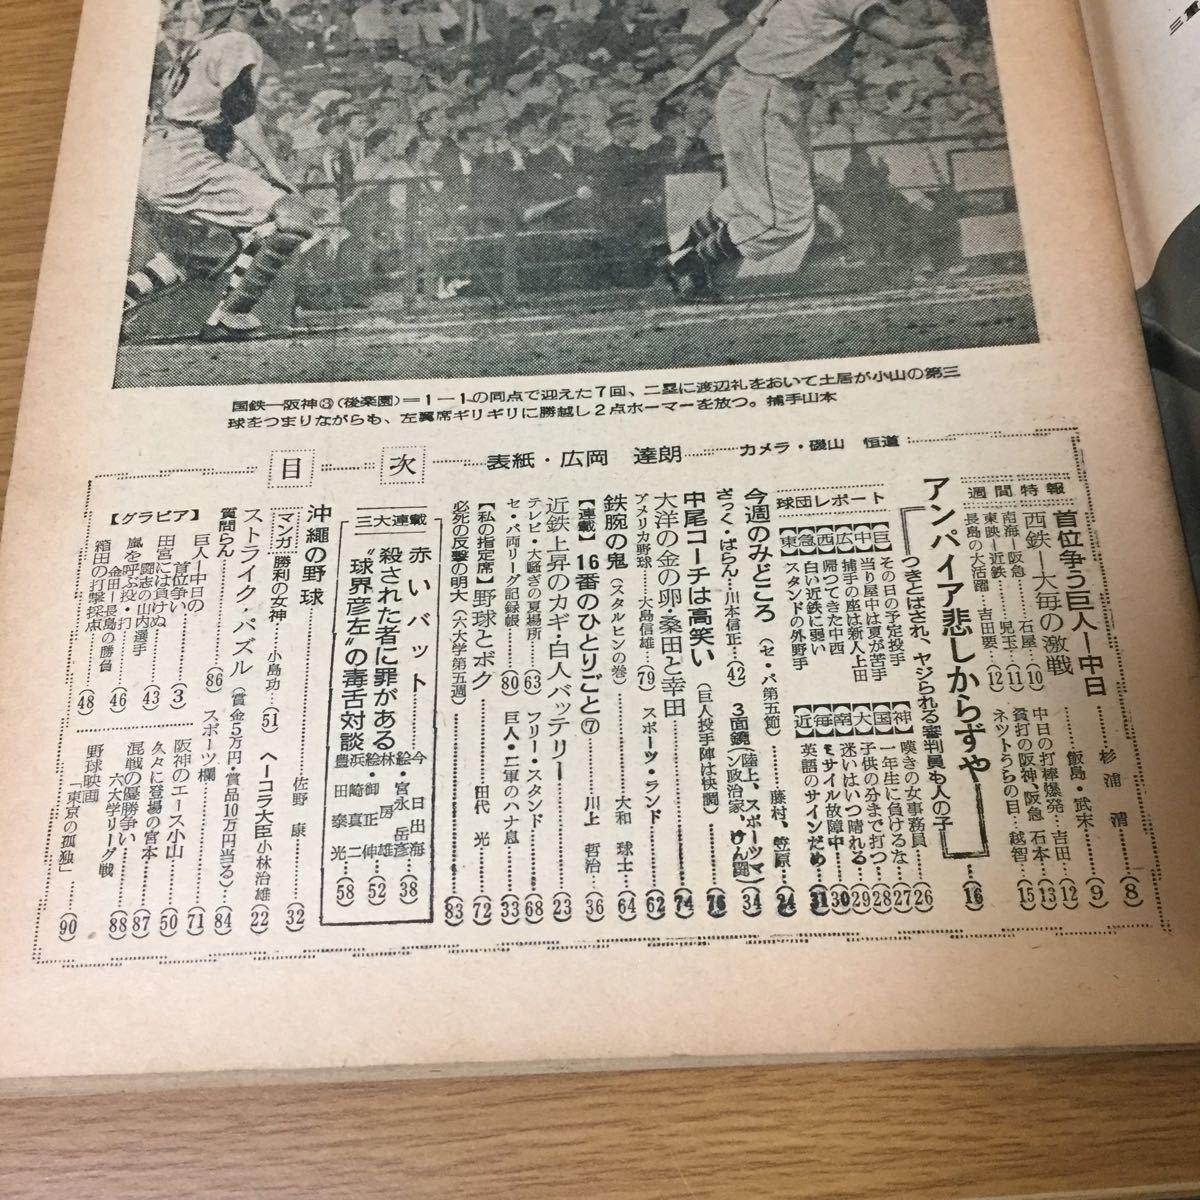 当時物 週刊読売スポーツ プロ野球誌 1959年(昭和34年)5月15日発行 野球 巨人 アンパイアの憂うつ_画像5